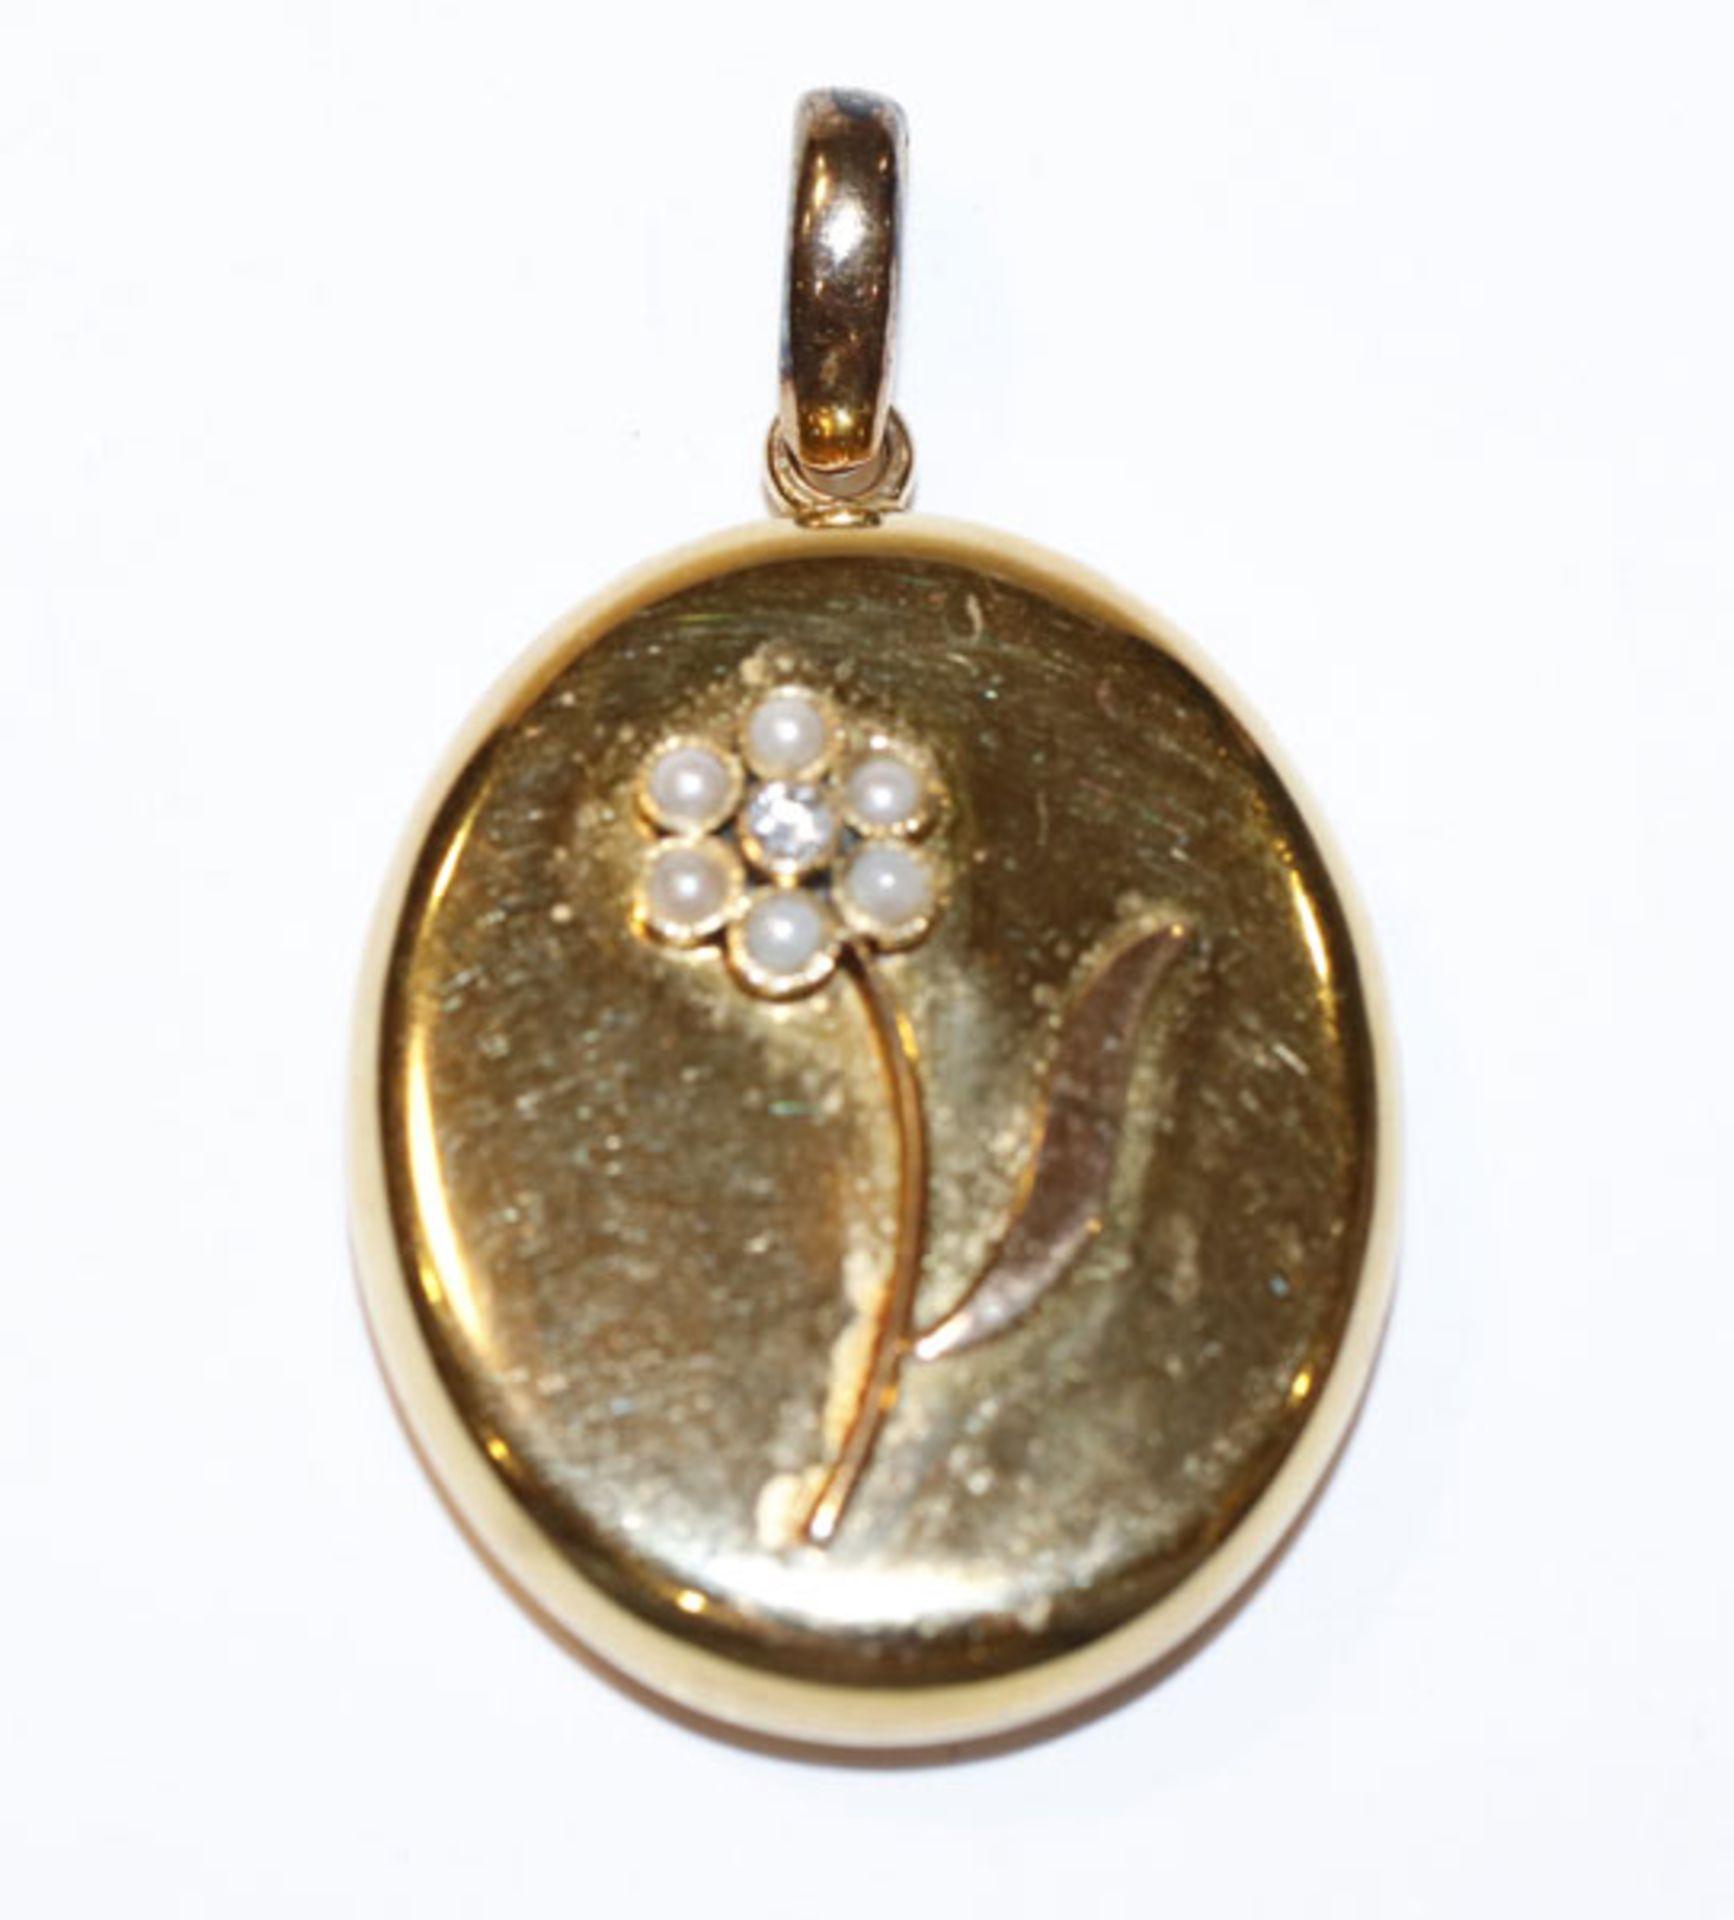 Englischer 15 k (0,625 Gold) Gelbgold Medaillon-Anhänger mit aufgesetztem Blumendekor und Diamant